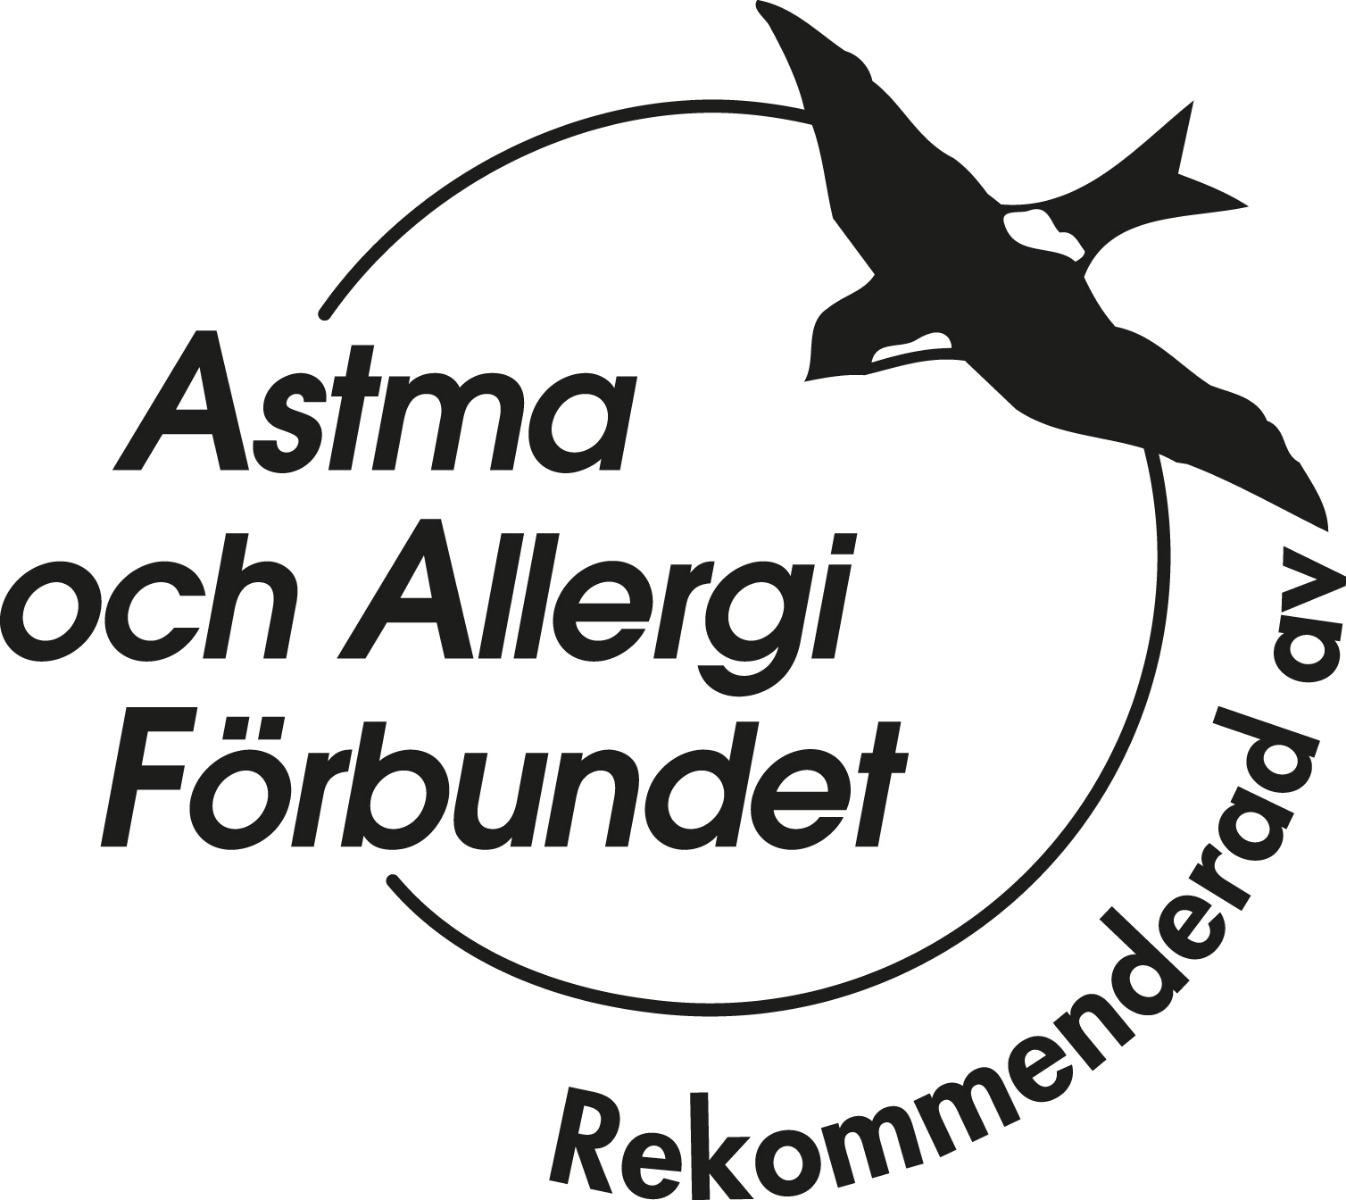 ASOCIATIA SUEDEZA DE ASTM SI ALERGIE